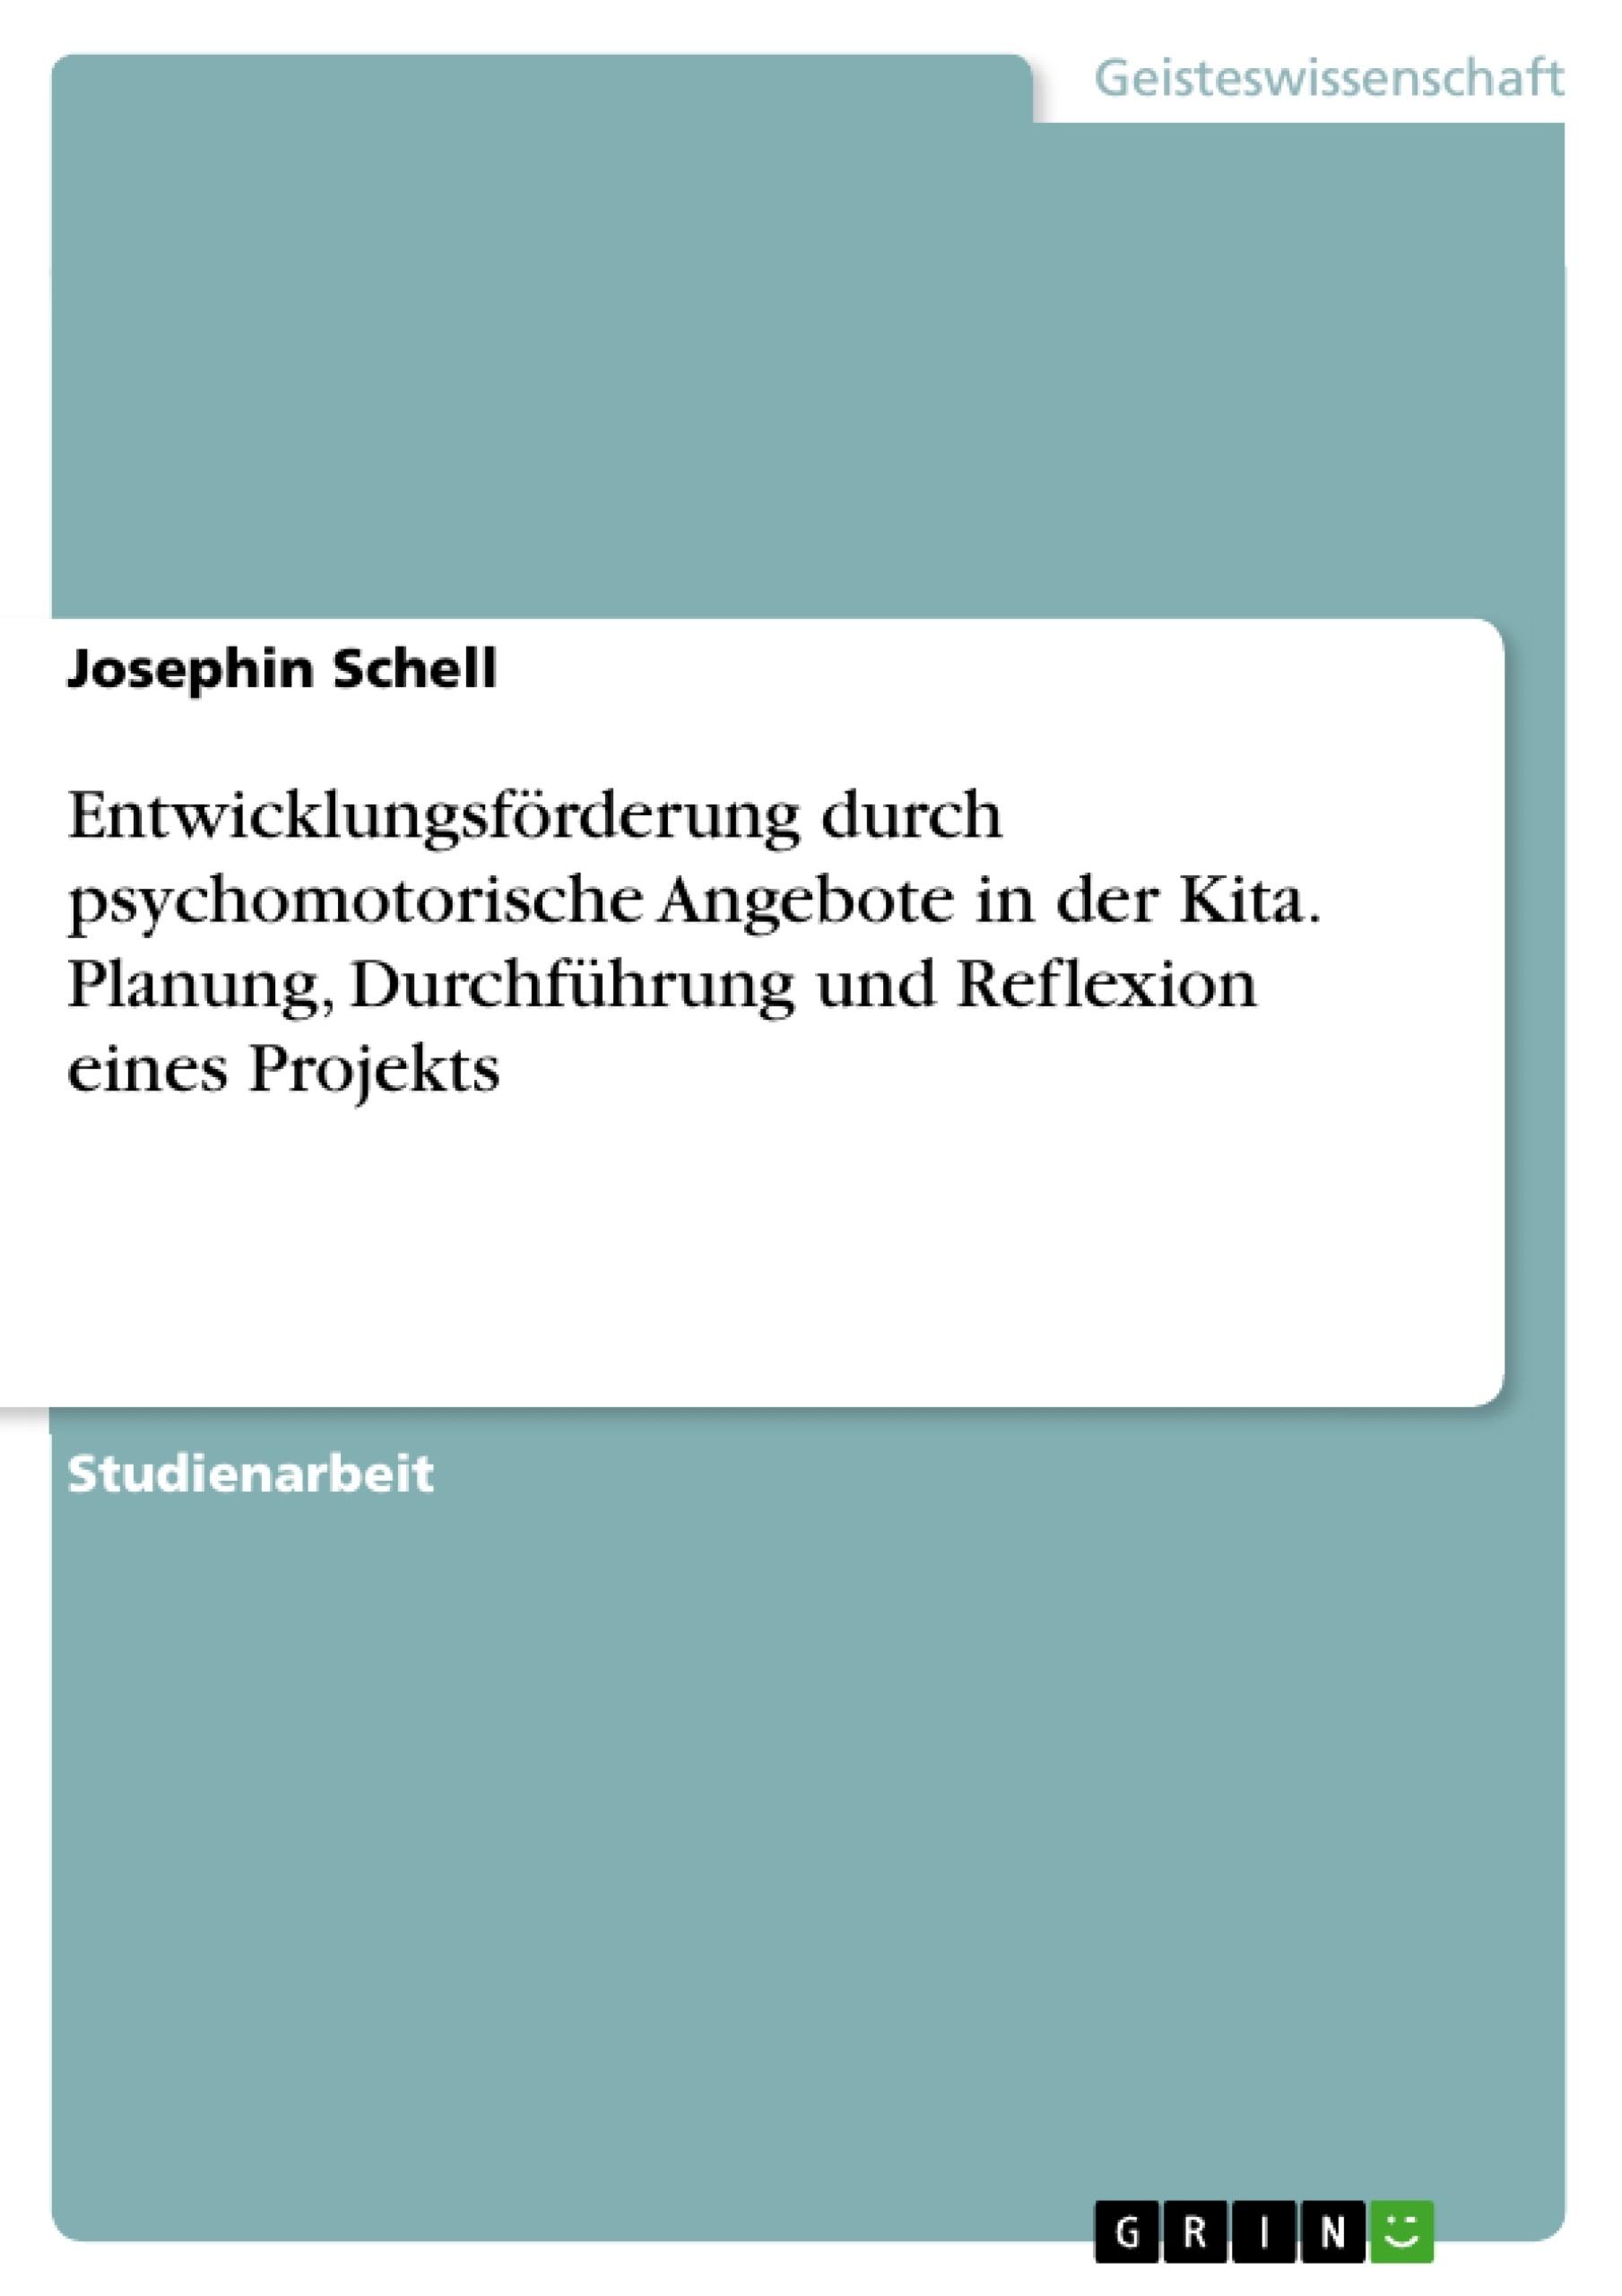 Titel: Entwicklungsförderung durch psychomotorische Angebote in der Kita. Planung, Durchführung und Reflexion eines Projekts